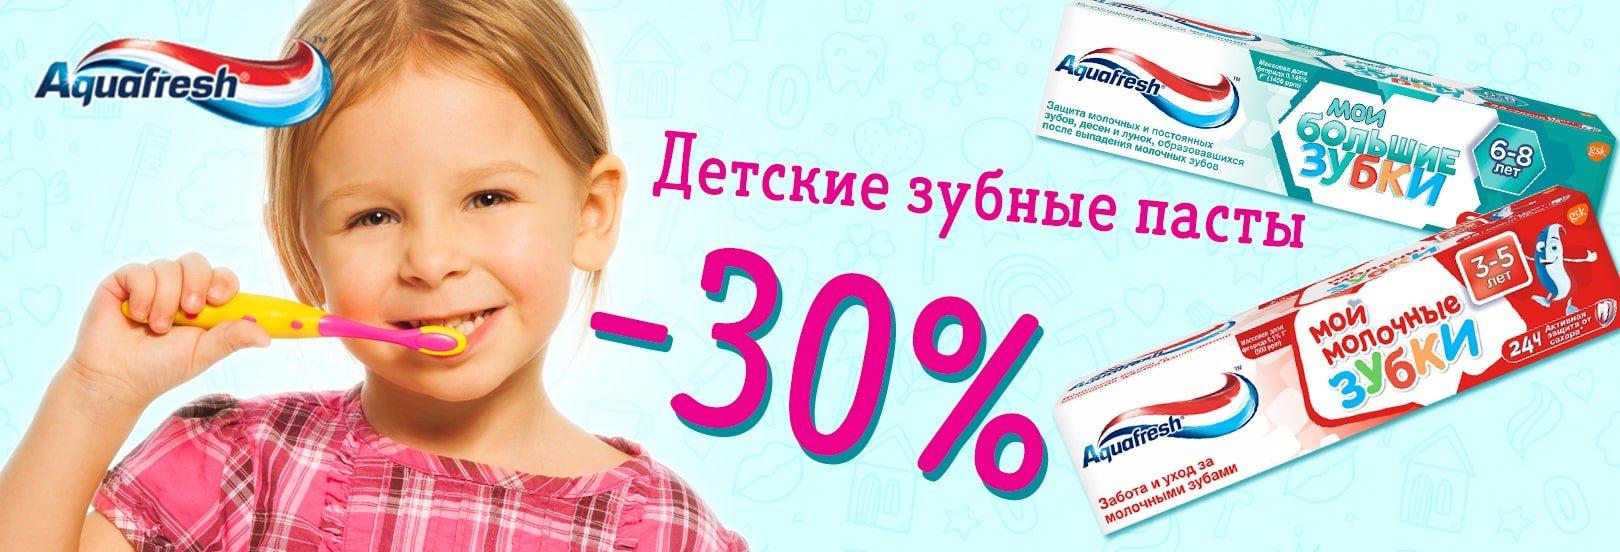 #все лучшее детям